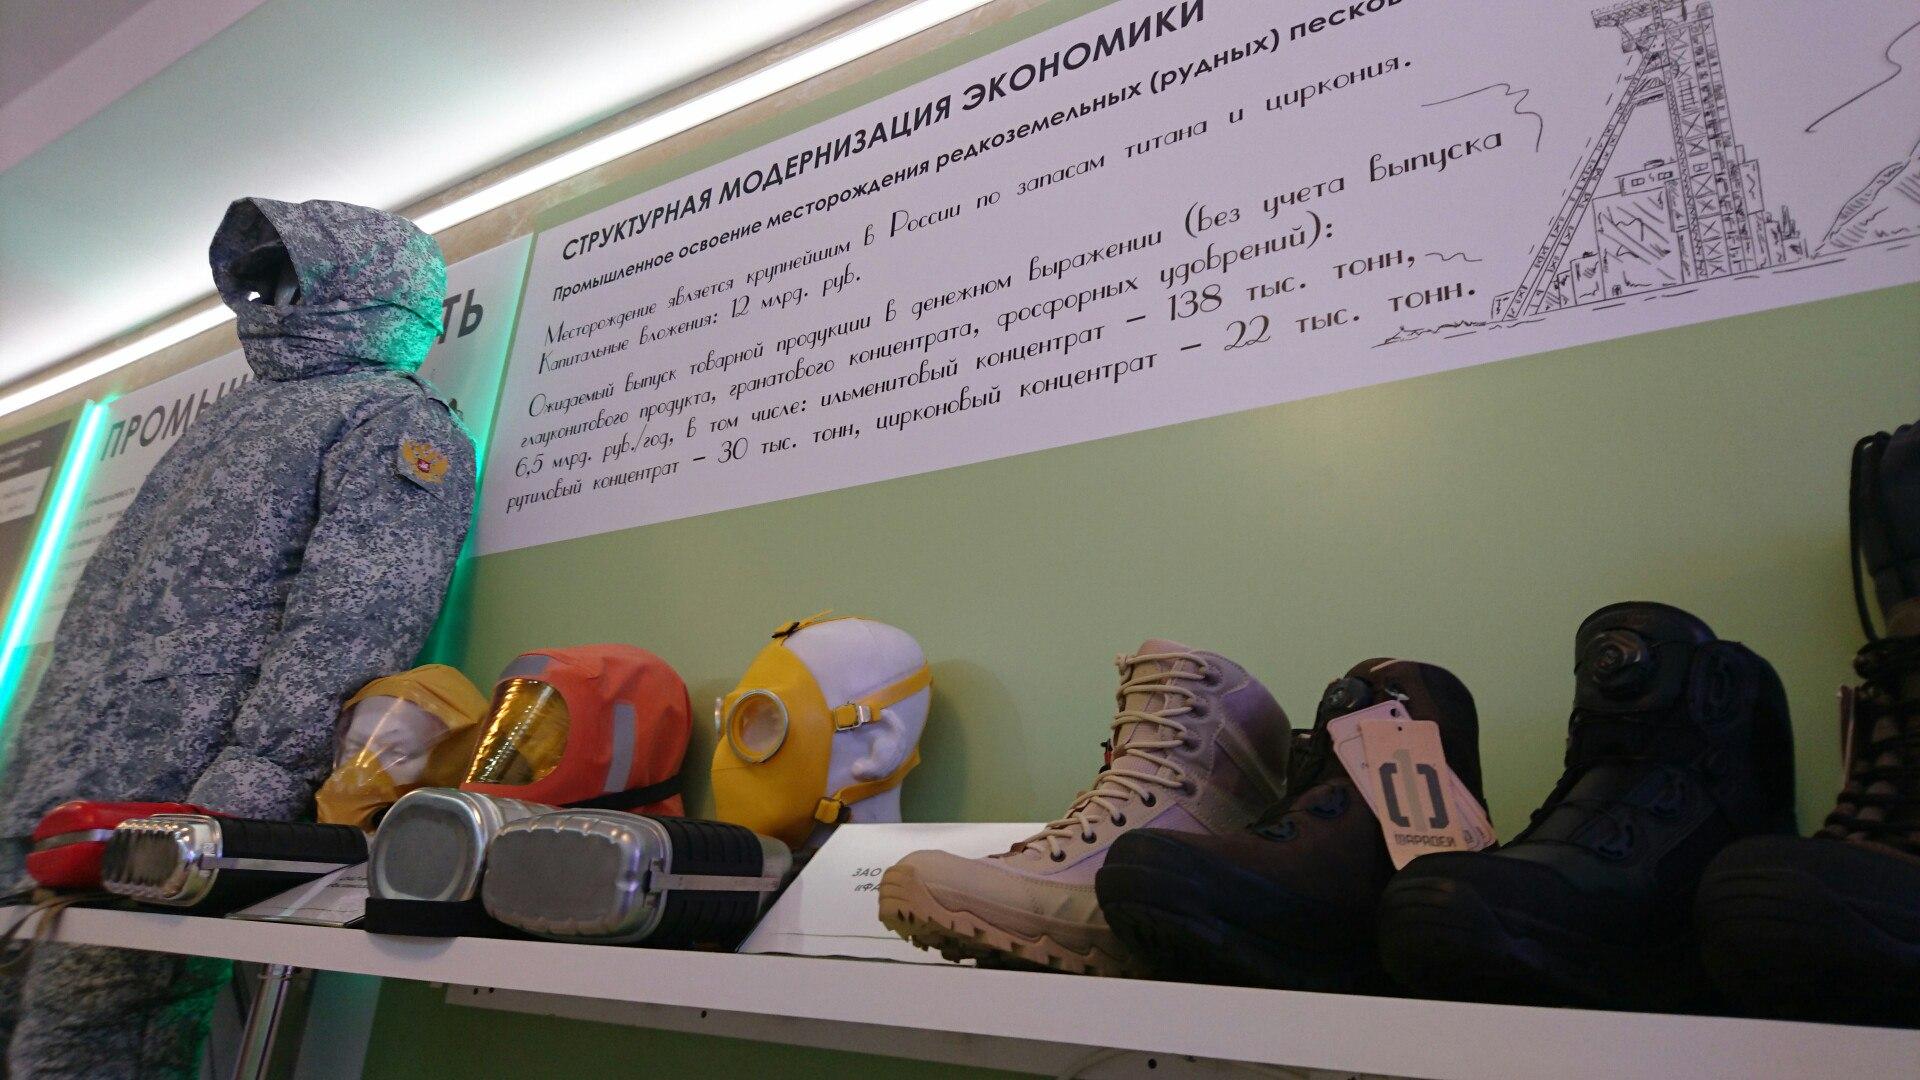 Руководитель Тамбовской области Александр Никитин выступил вСовете Федерации